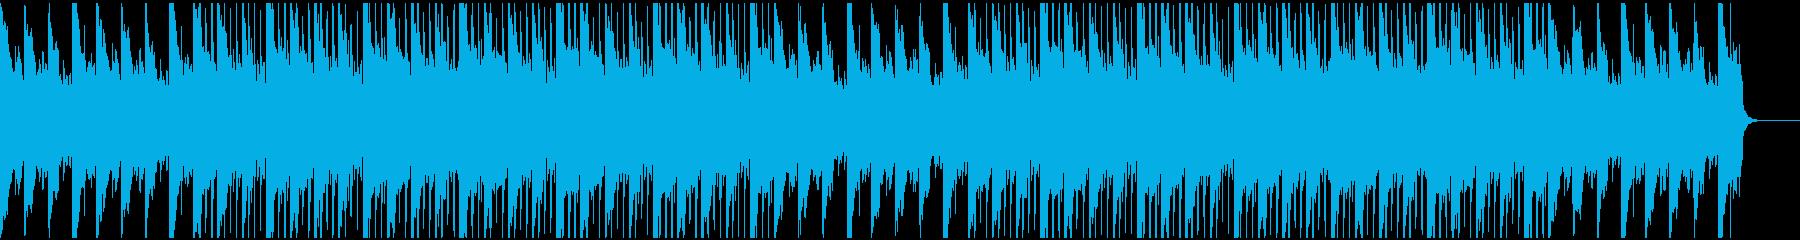 爽やか、清涼感企業VP風BGM 1の再生済みの波形